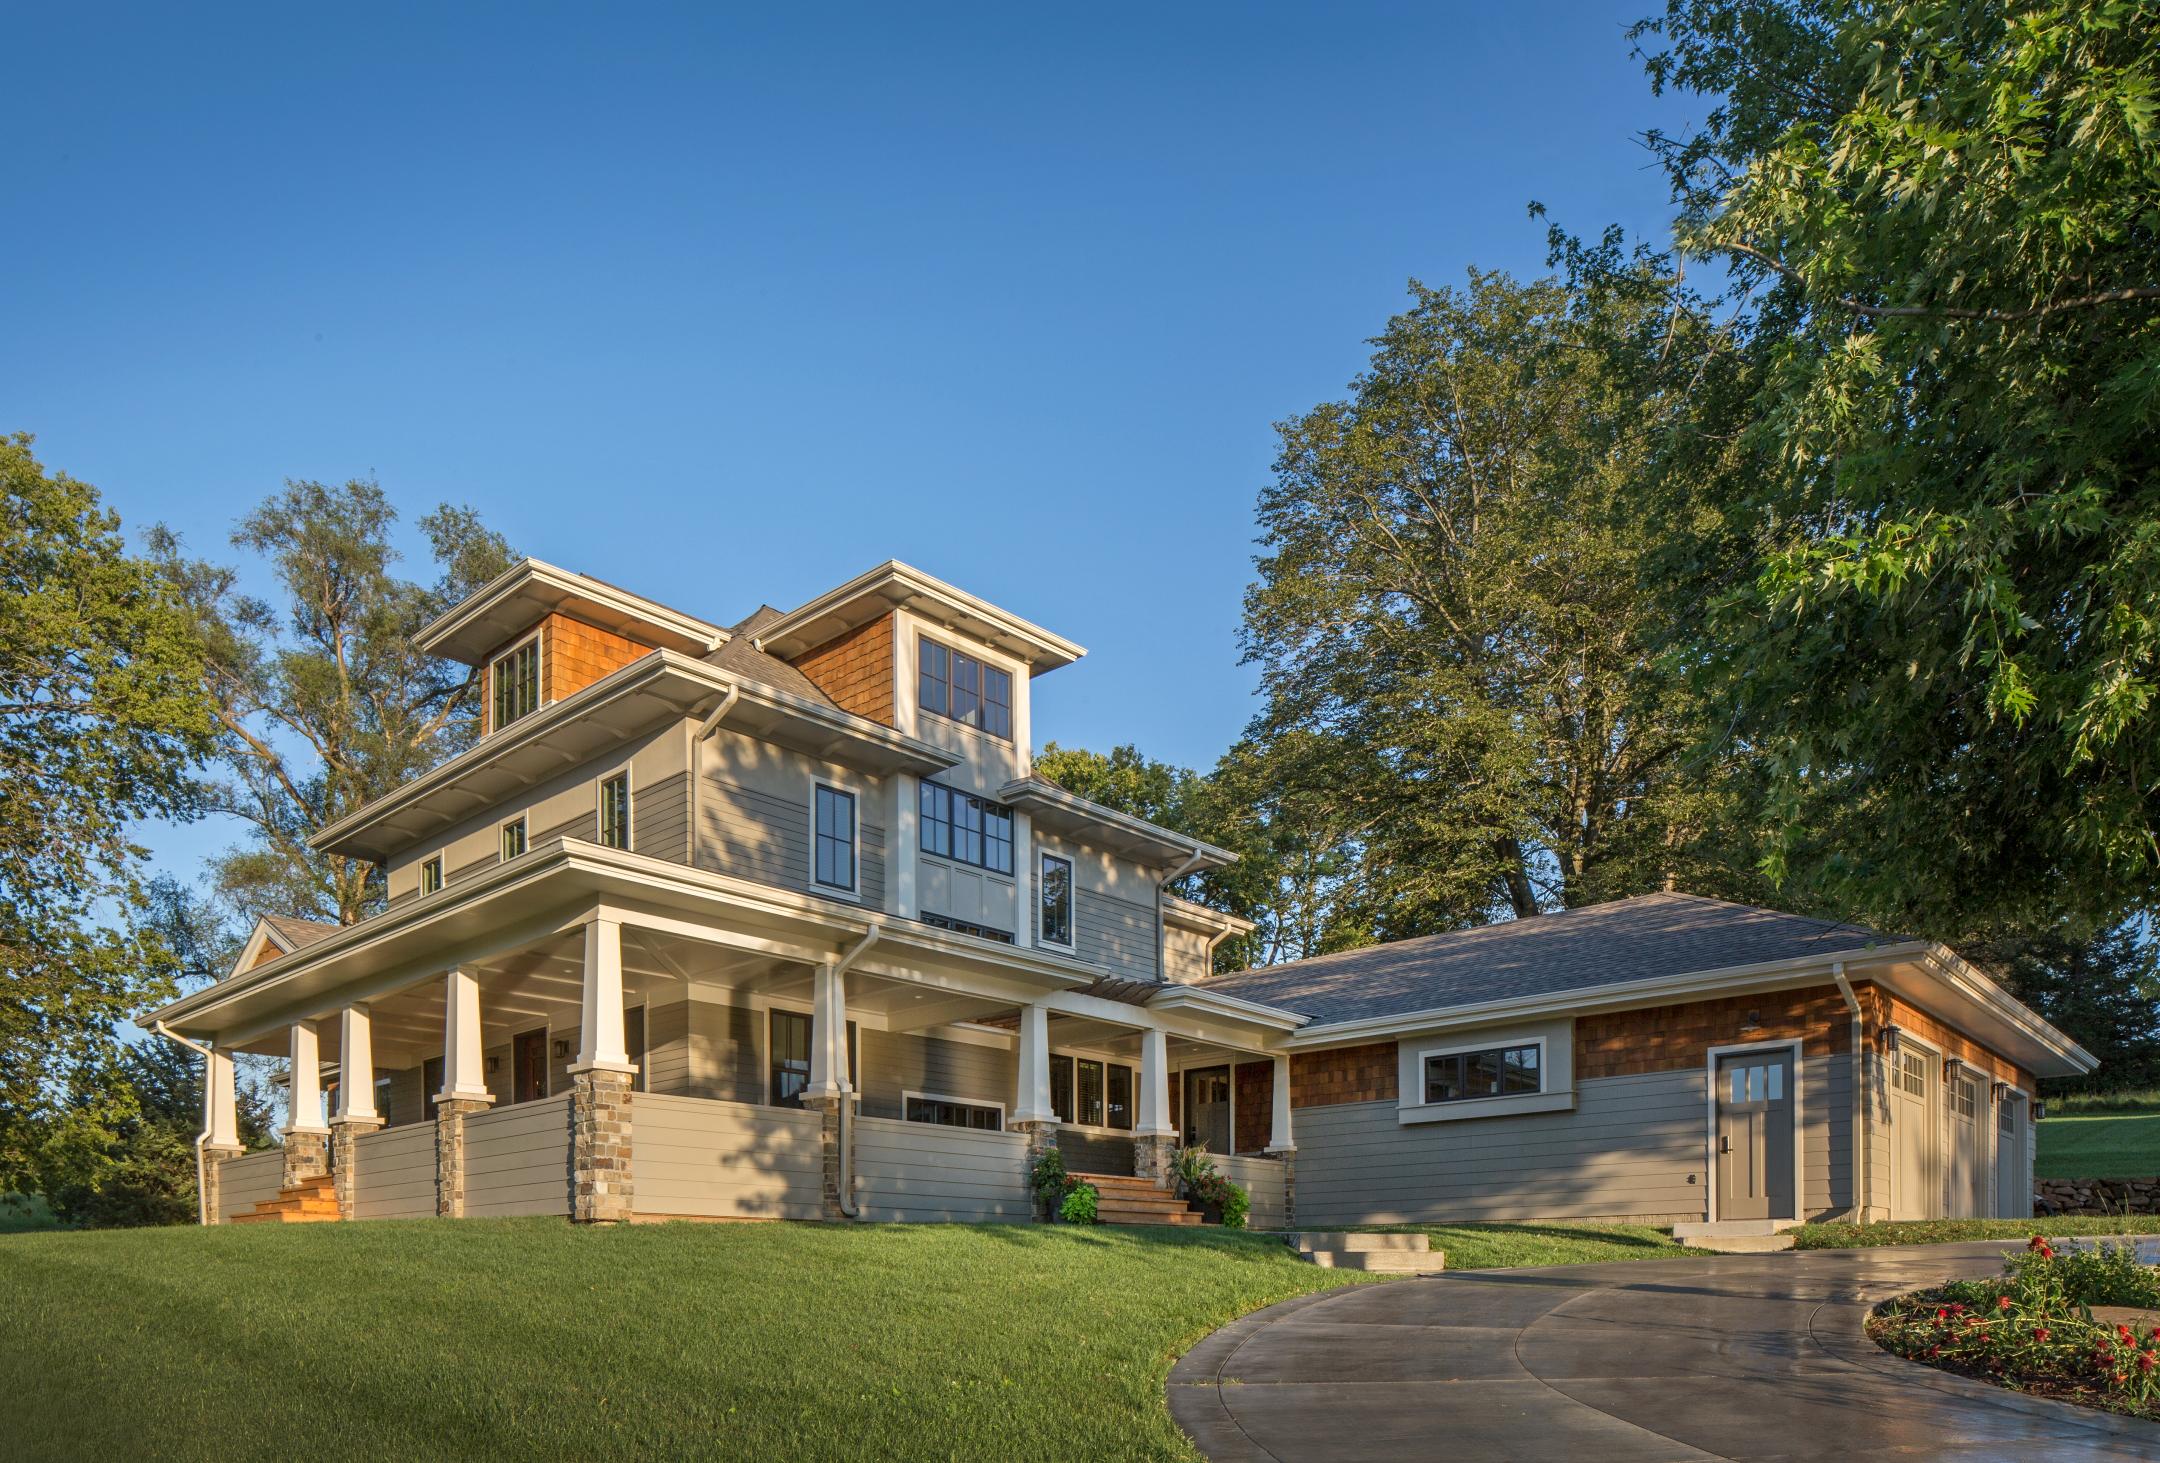 Home Renovation & Barn